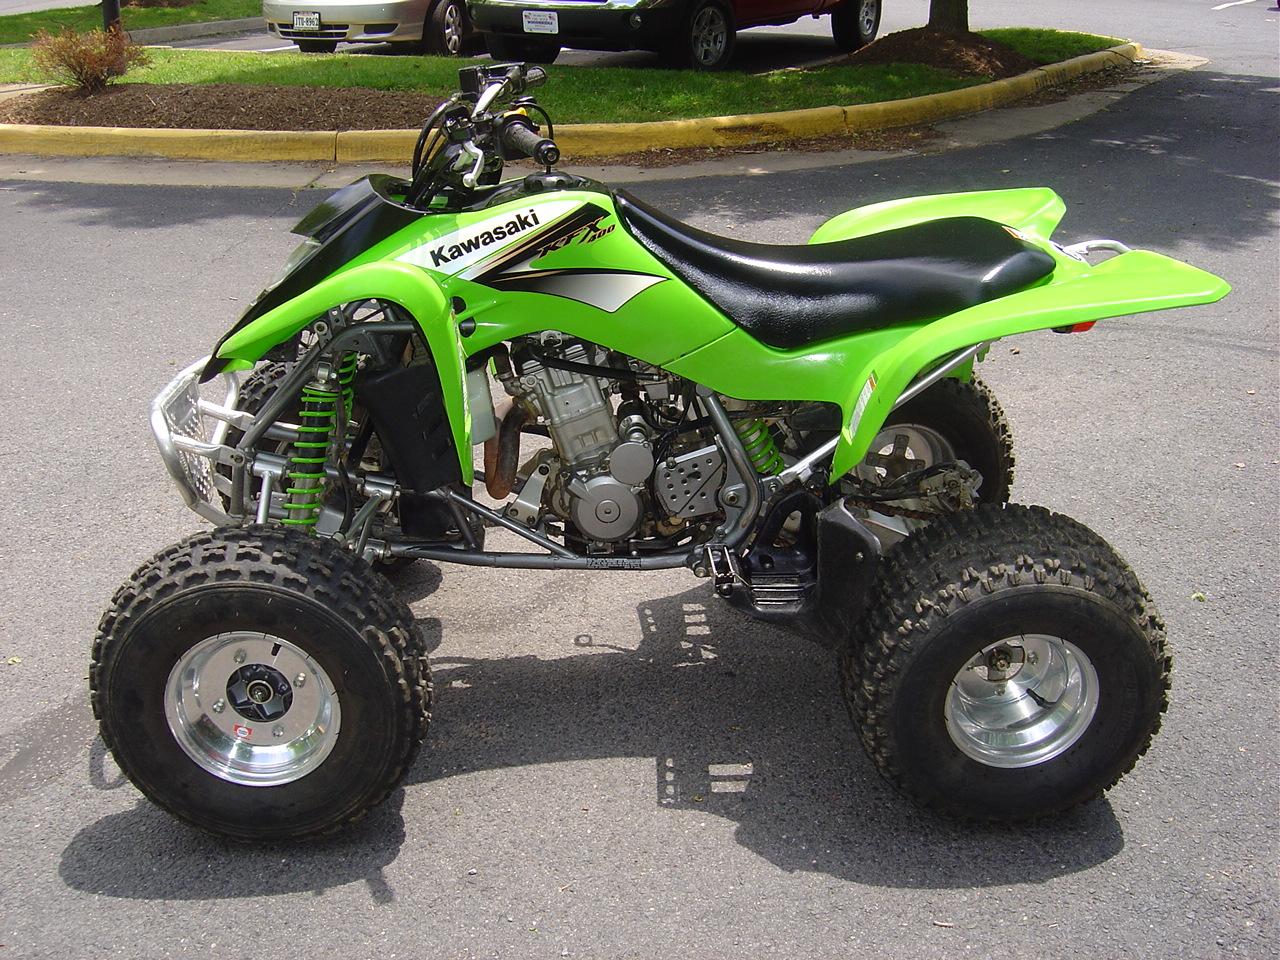 Tblazier S 2004 Kawasaki Kfx400 Tblazier S Bike Check